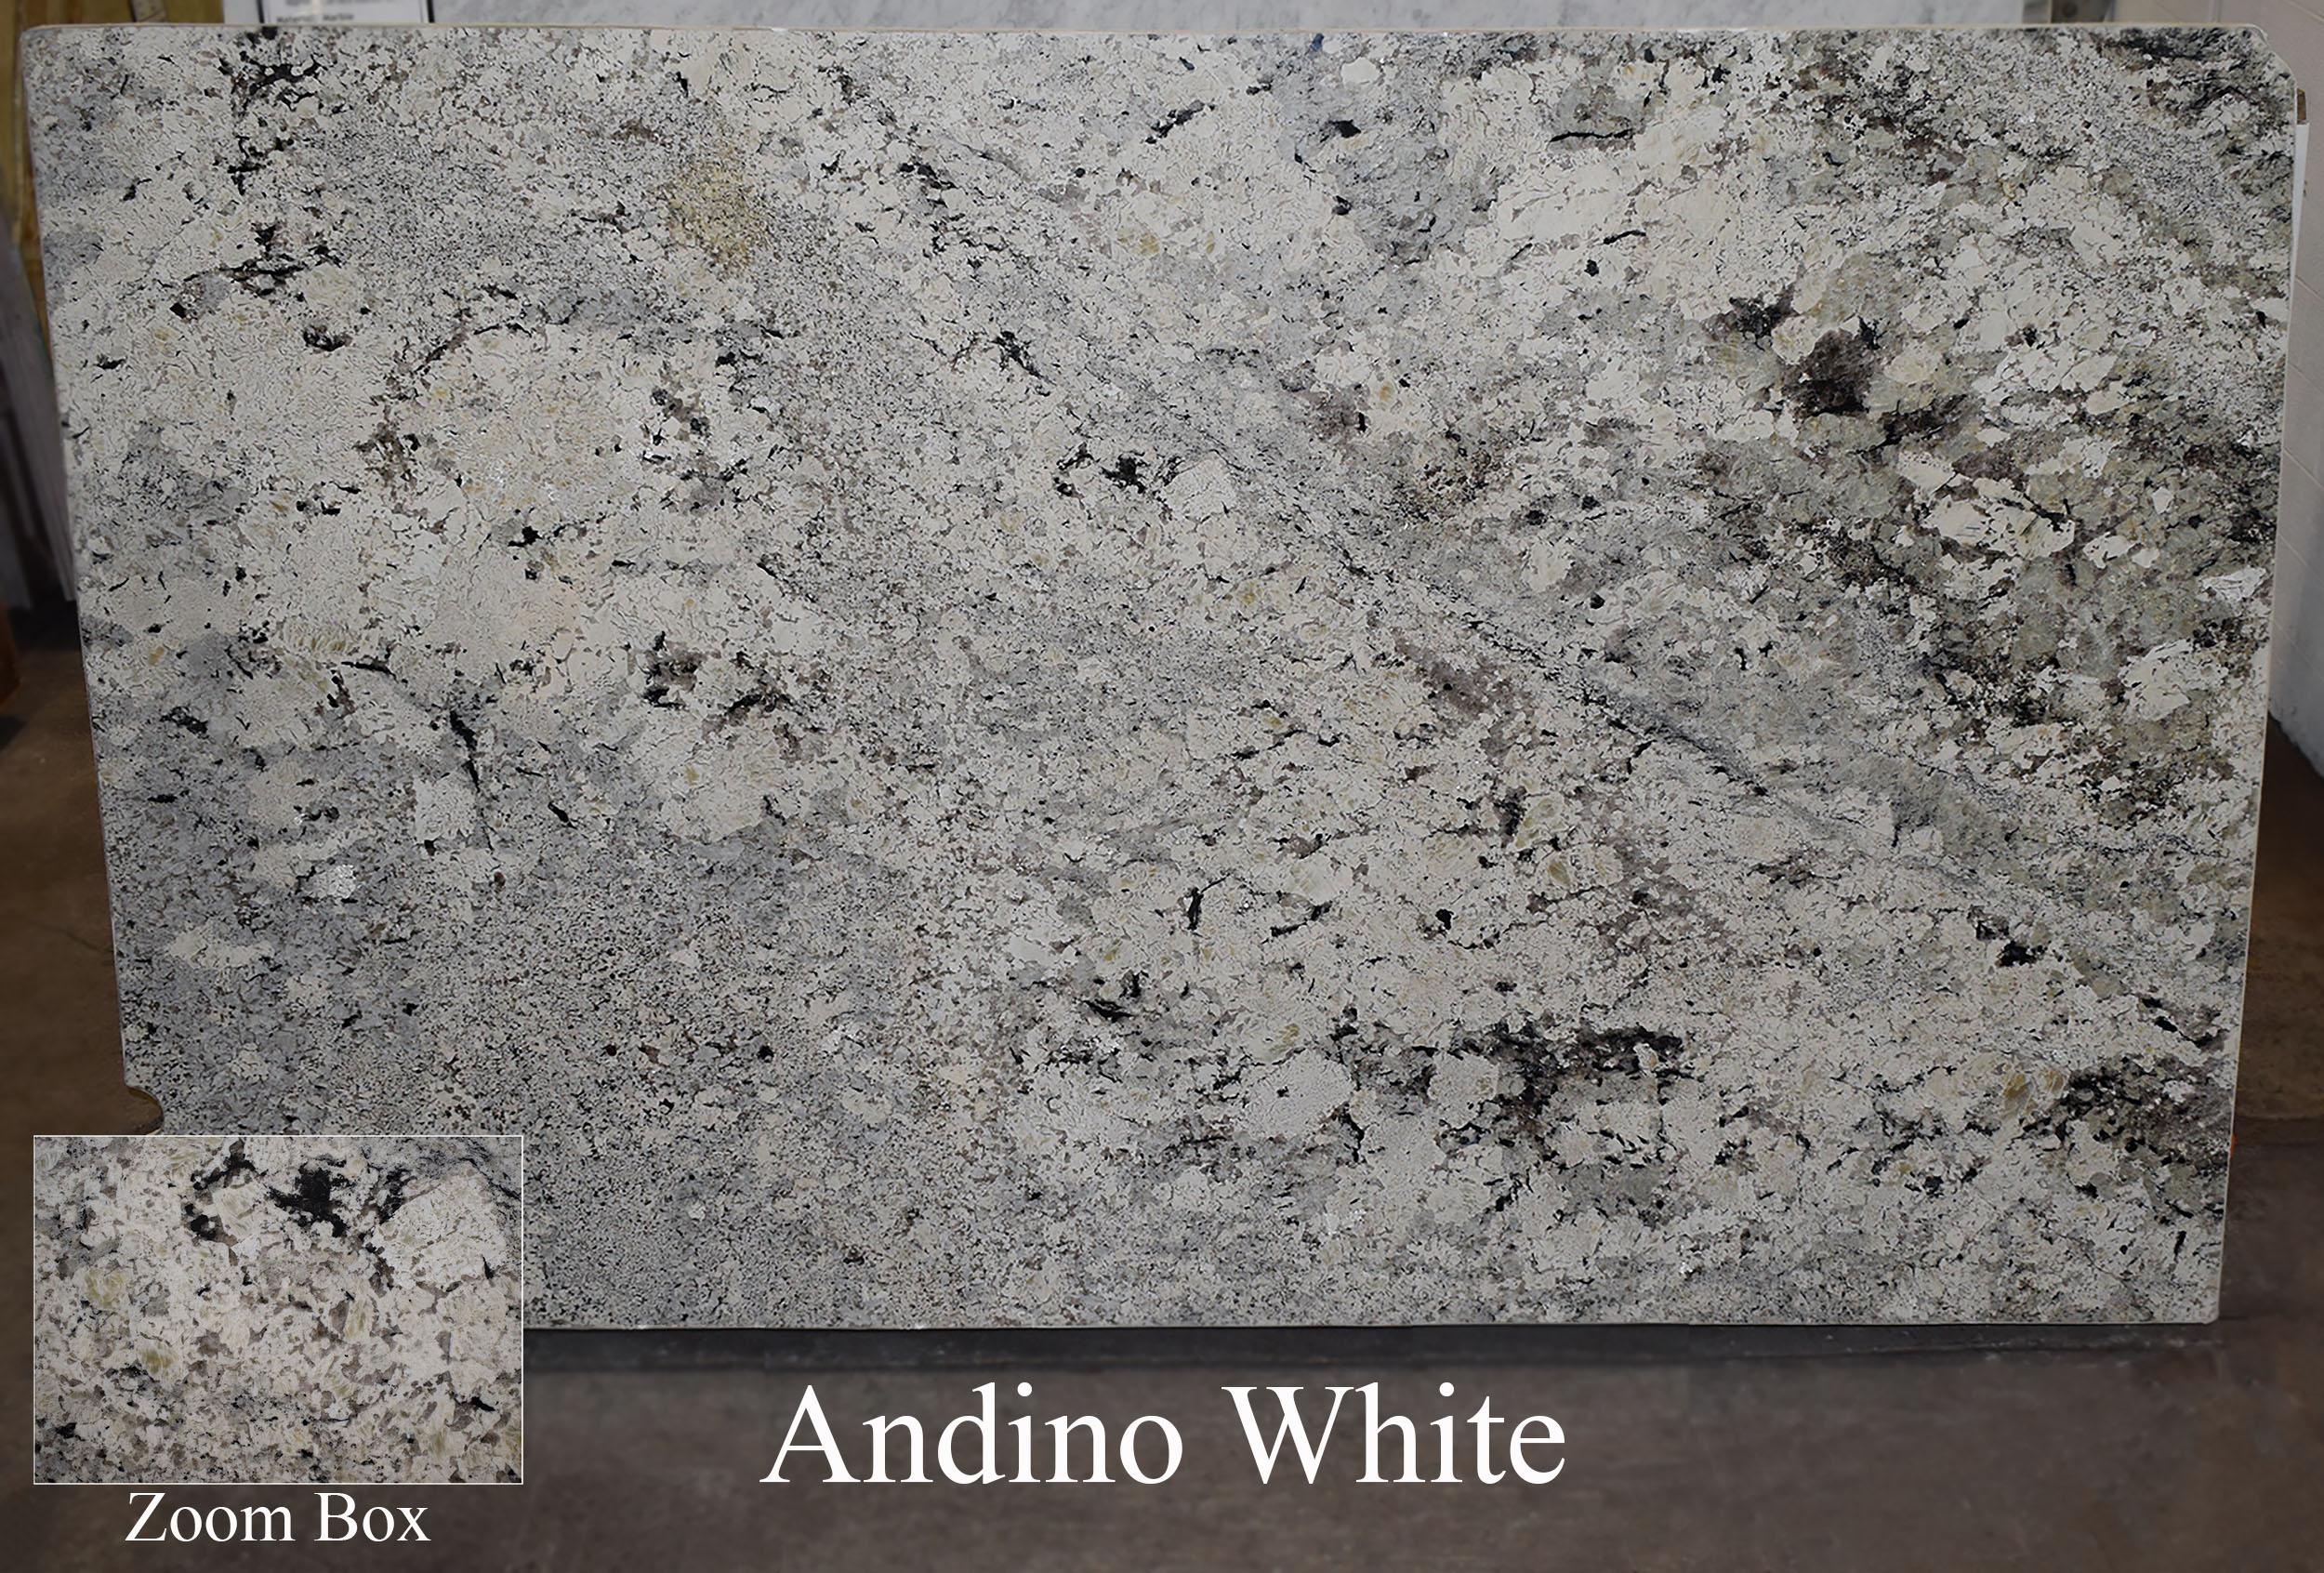 ANDINO WHITE